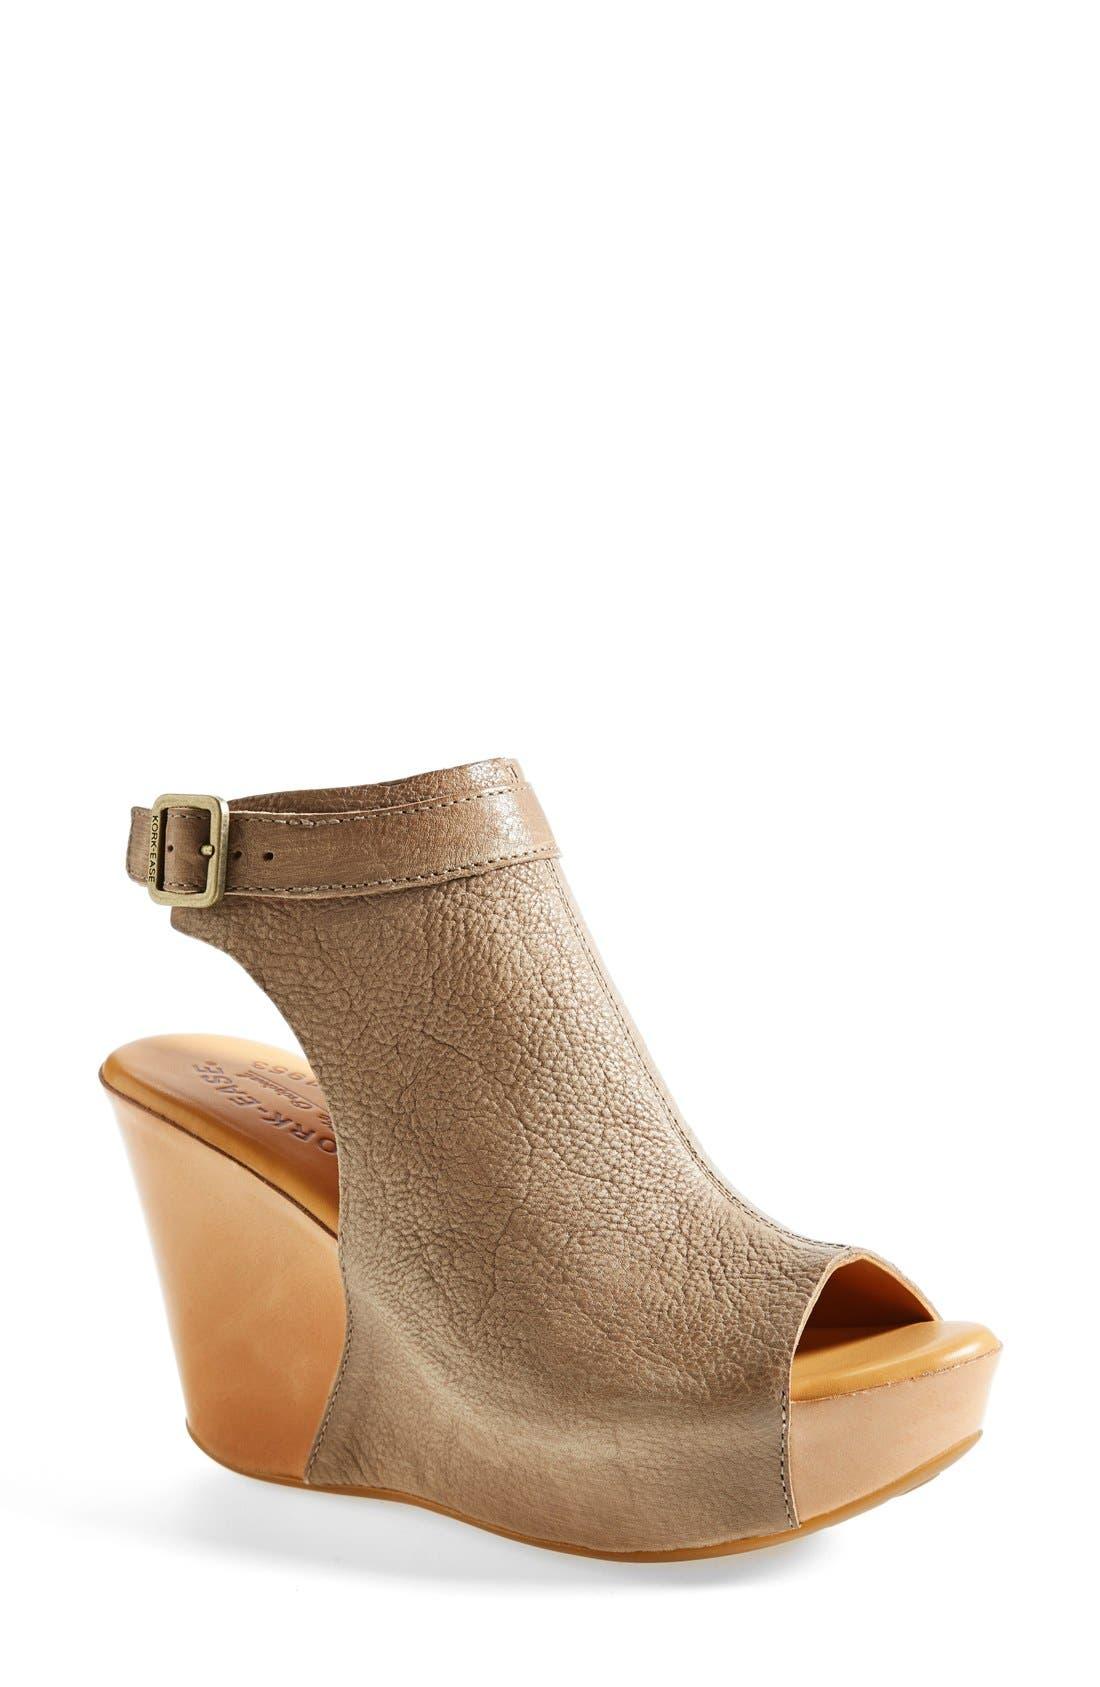 'Berit' Wedge Sandal,                             Main thumbnail 12, color,